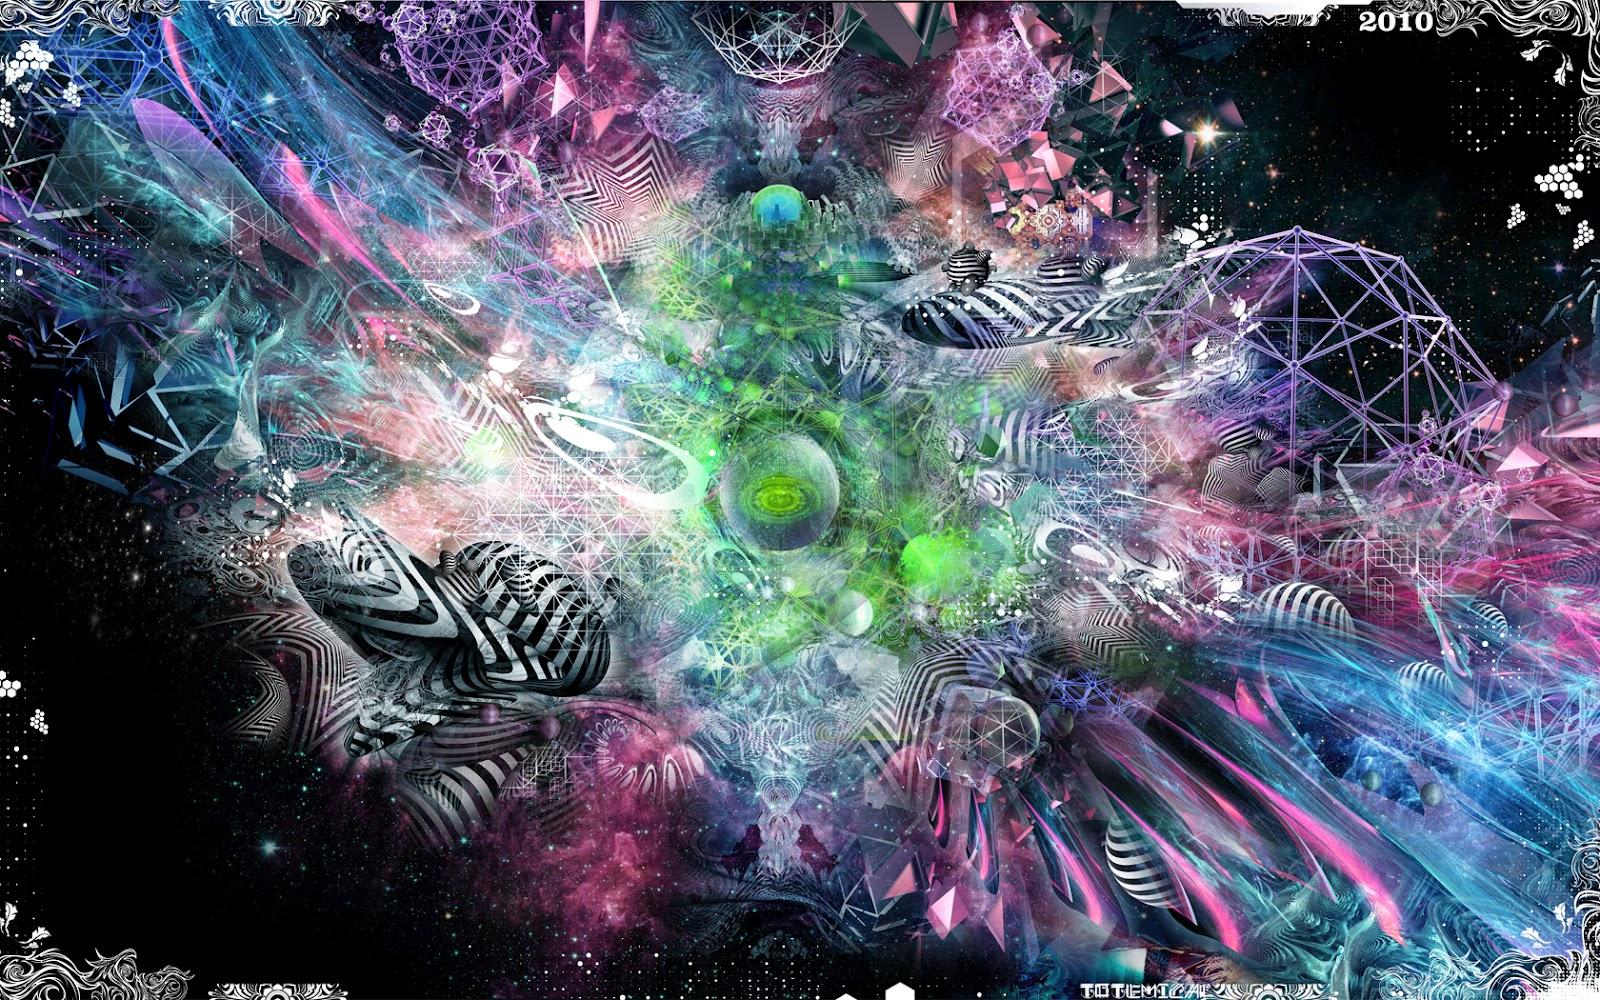 Galaxy Trippy Psychedelic Art Wallpaper Desktop Hd